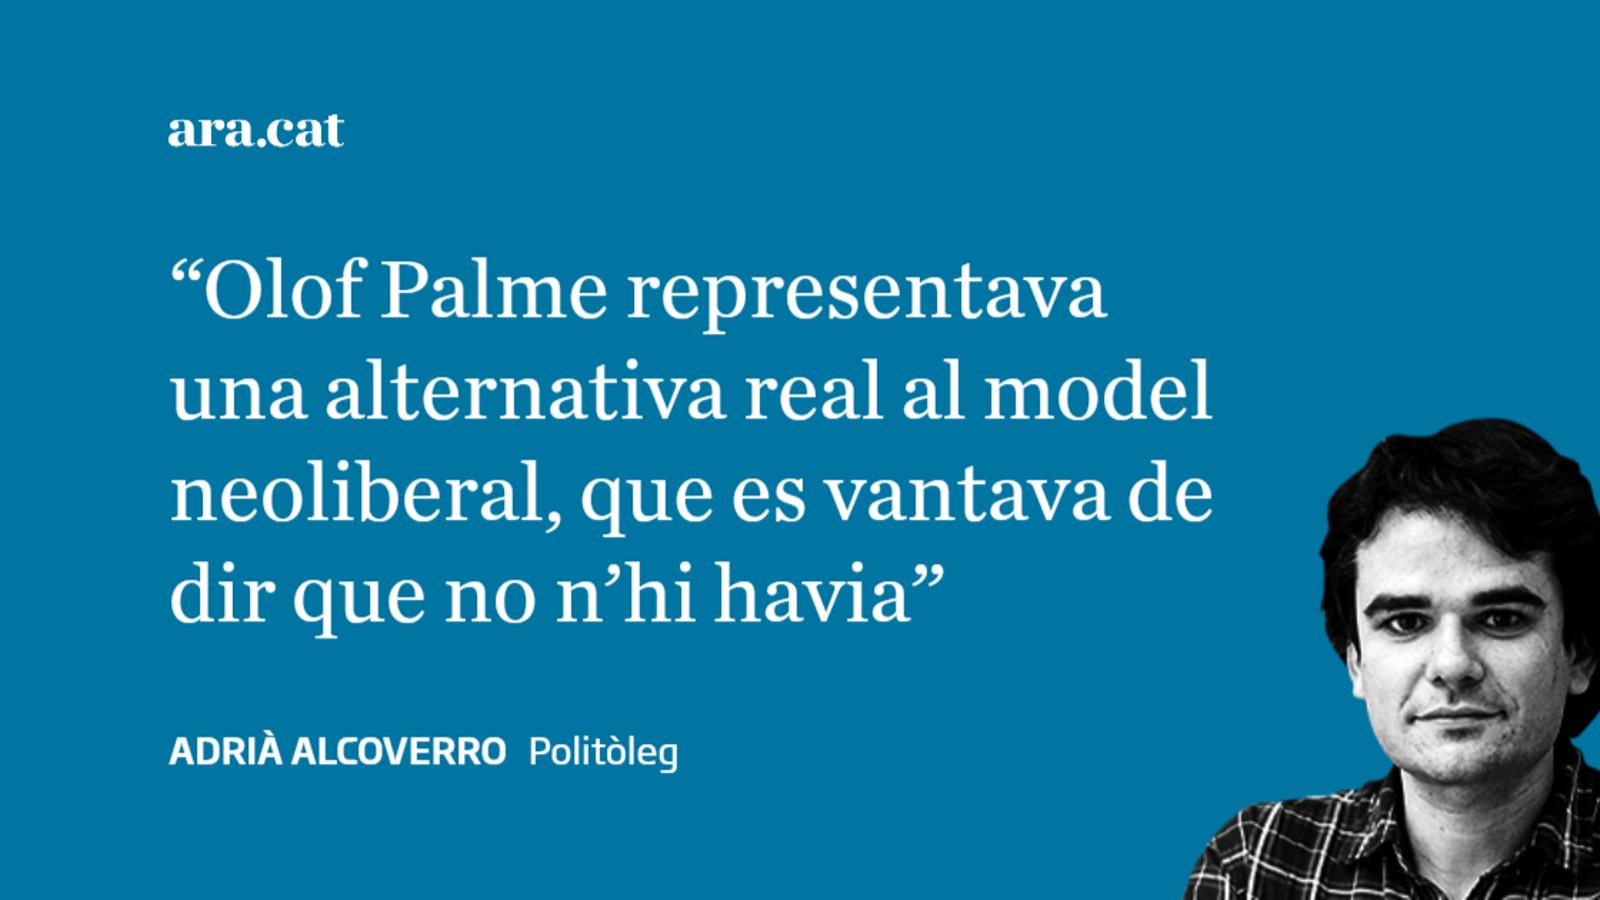 Olof Palme: l'assassinat de la convicció socialdemòcrata